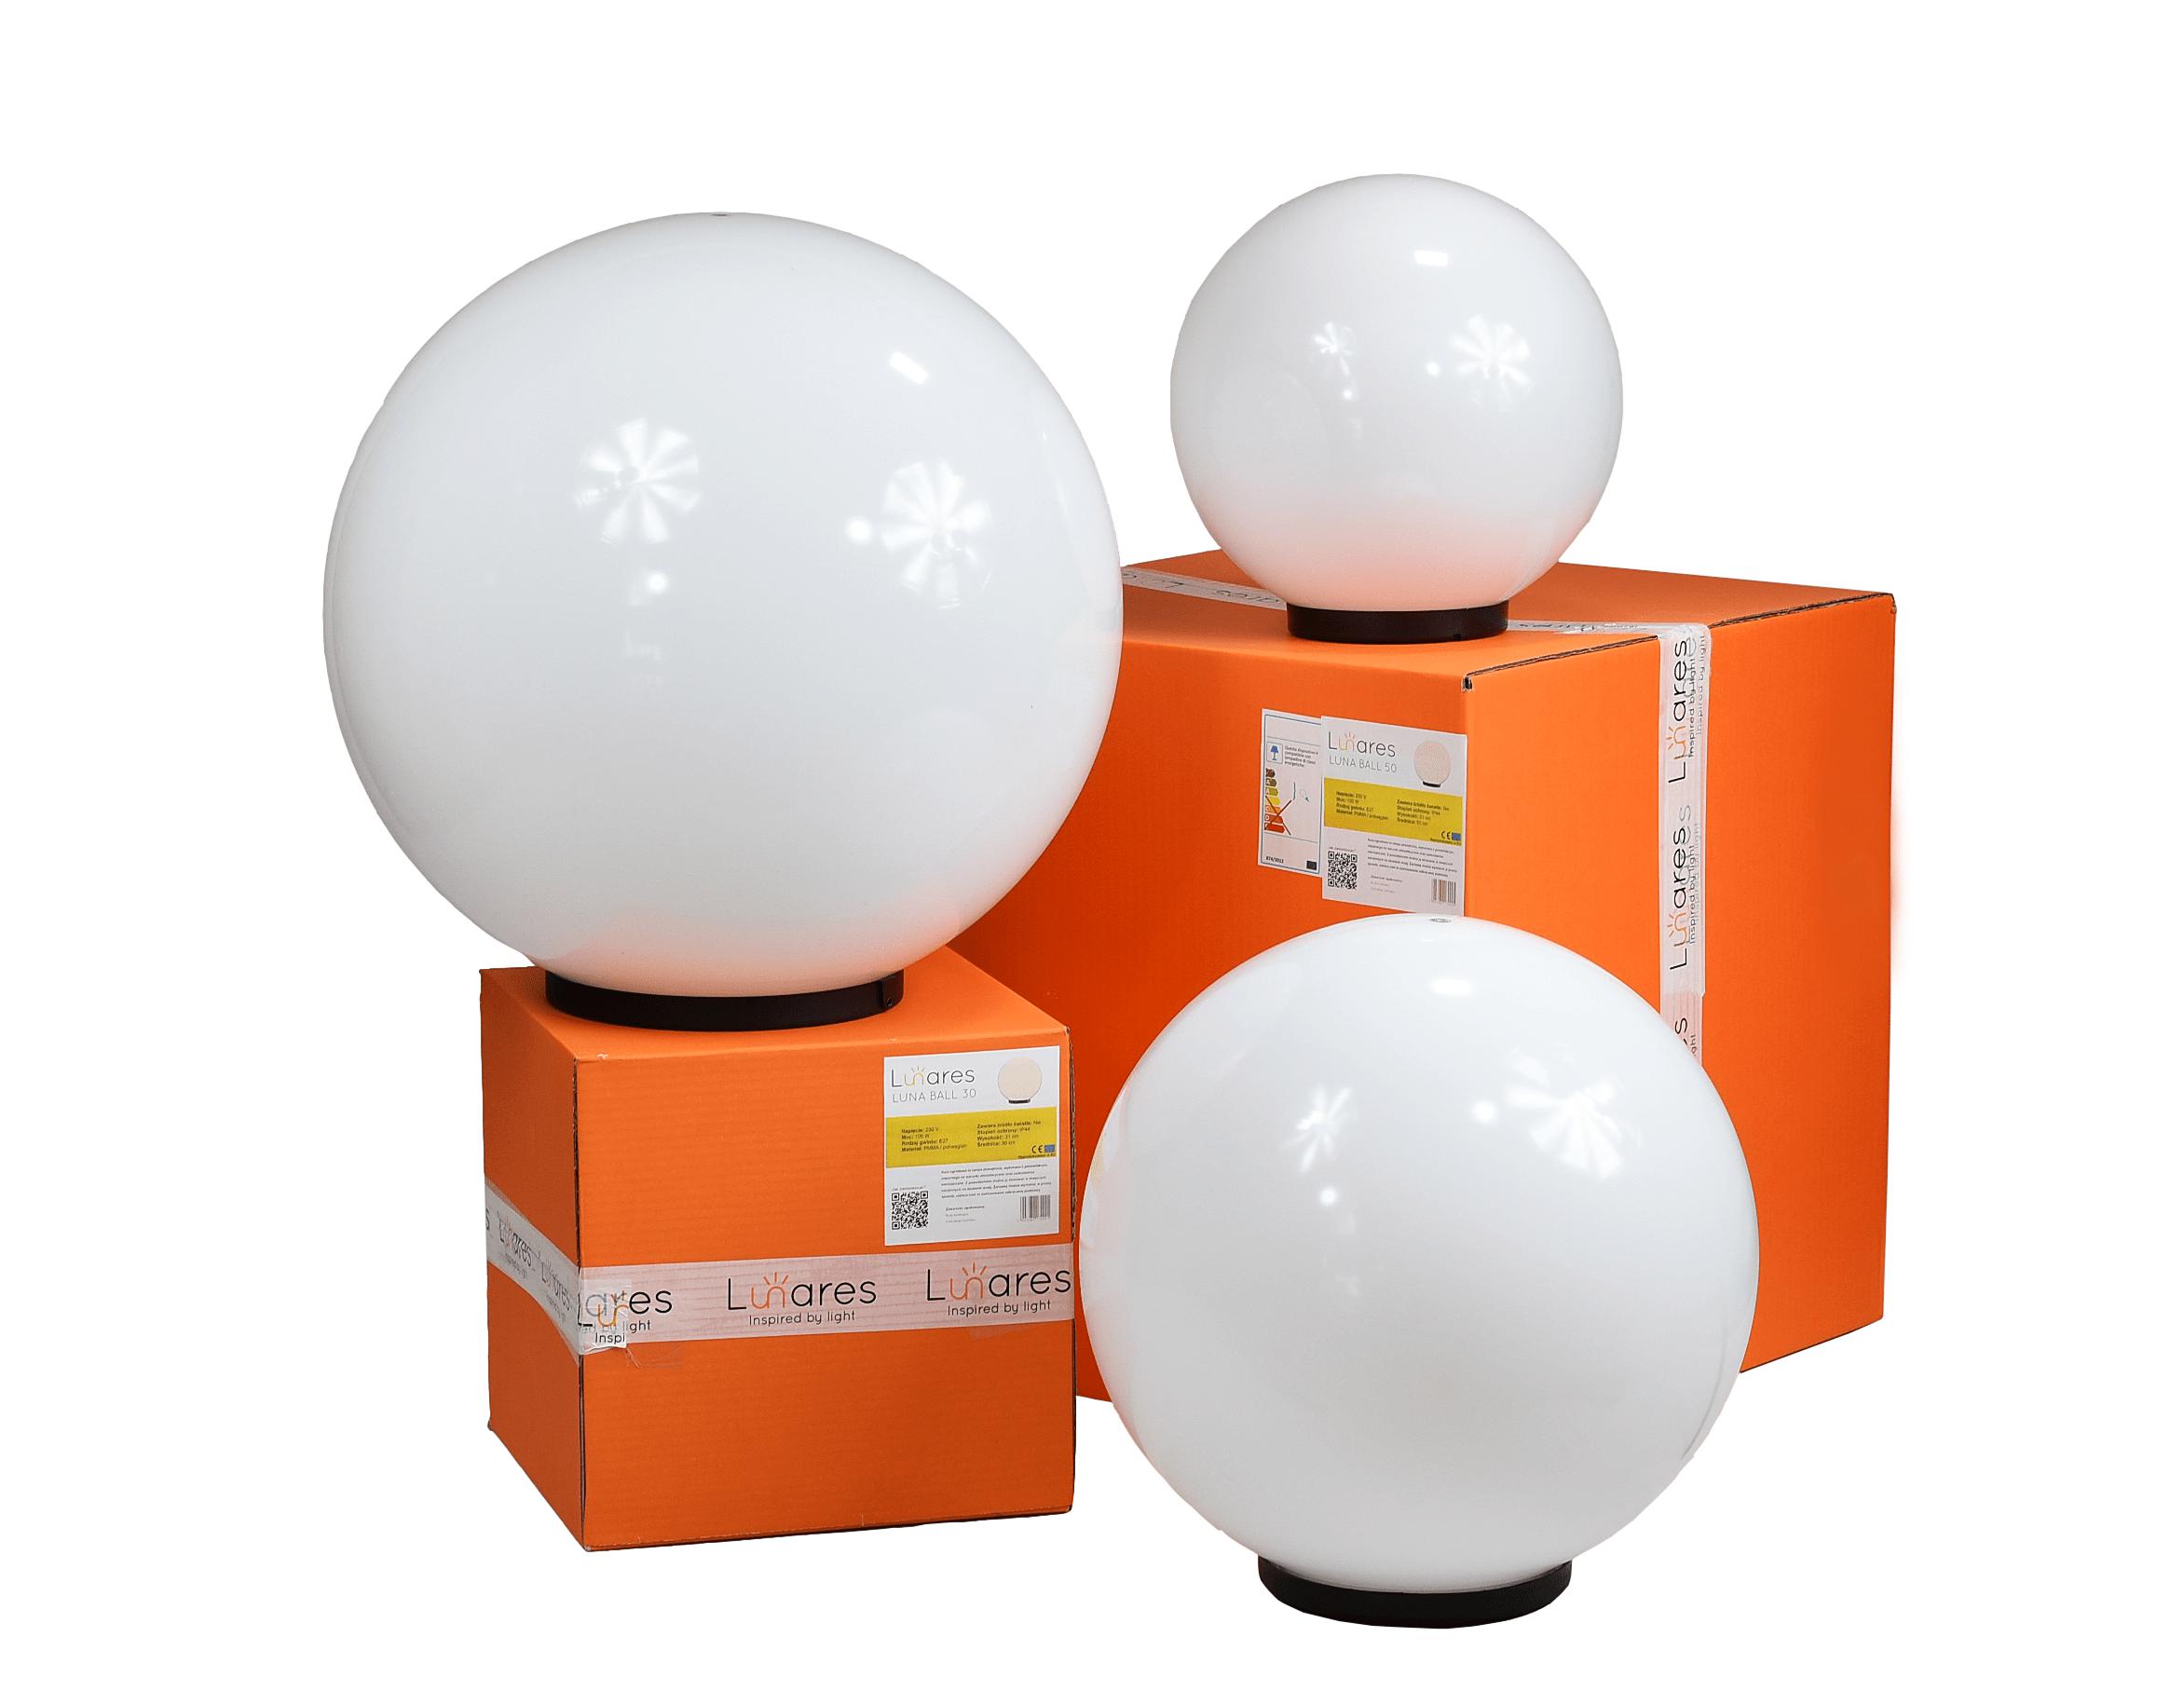 Zahradní kuličky dekorativní - kuličky Luna 30, 40, 50 cm + žárovky RGBW s dálkovým ovládáním